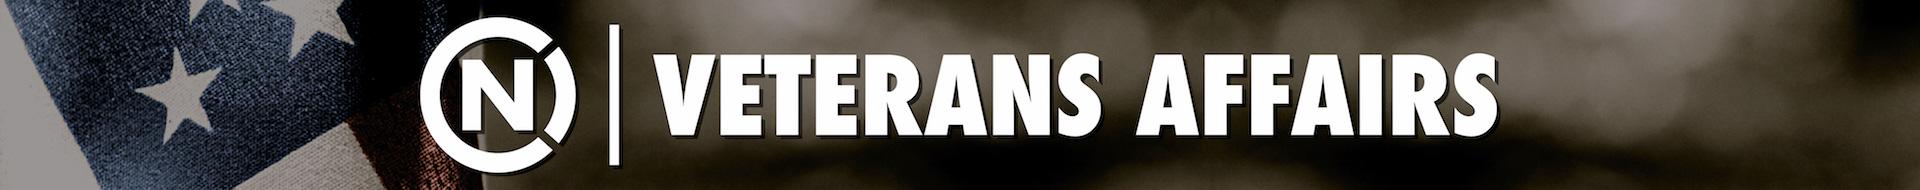 Veterans at UNC-TV Logo Banner